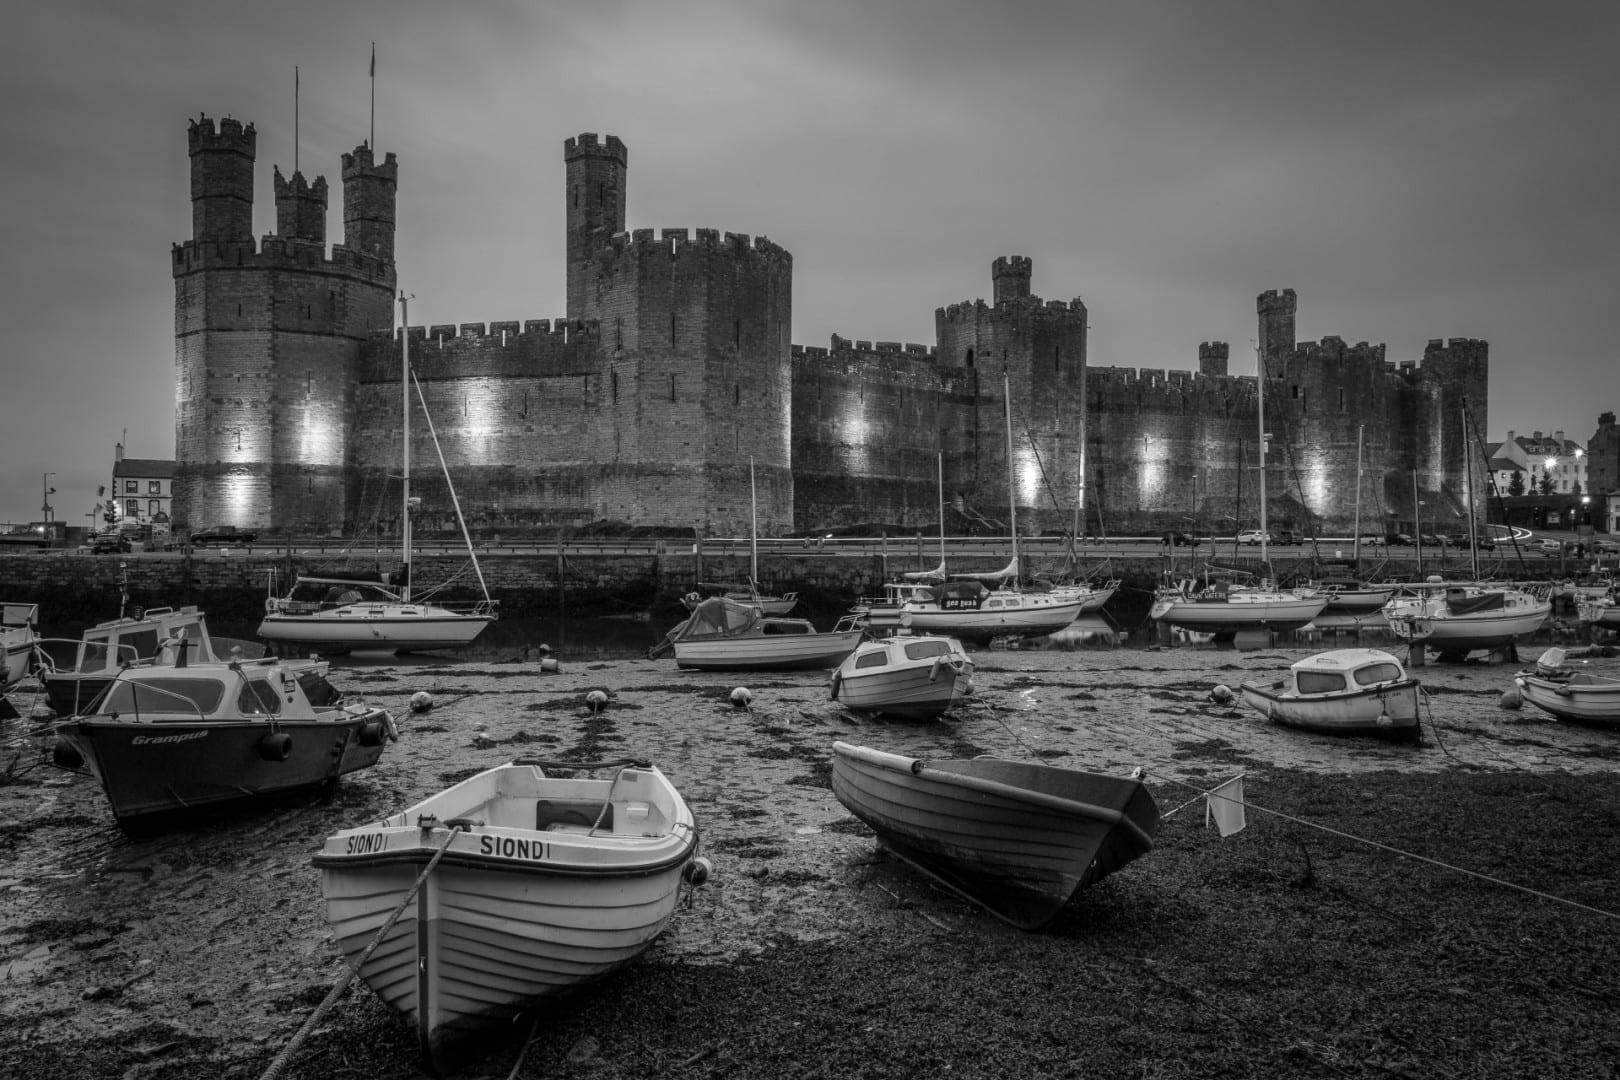 El castillo de Caernarfon Caernarfon Reino Unido